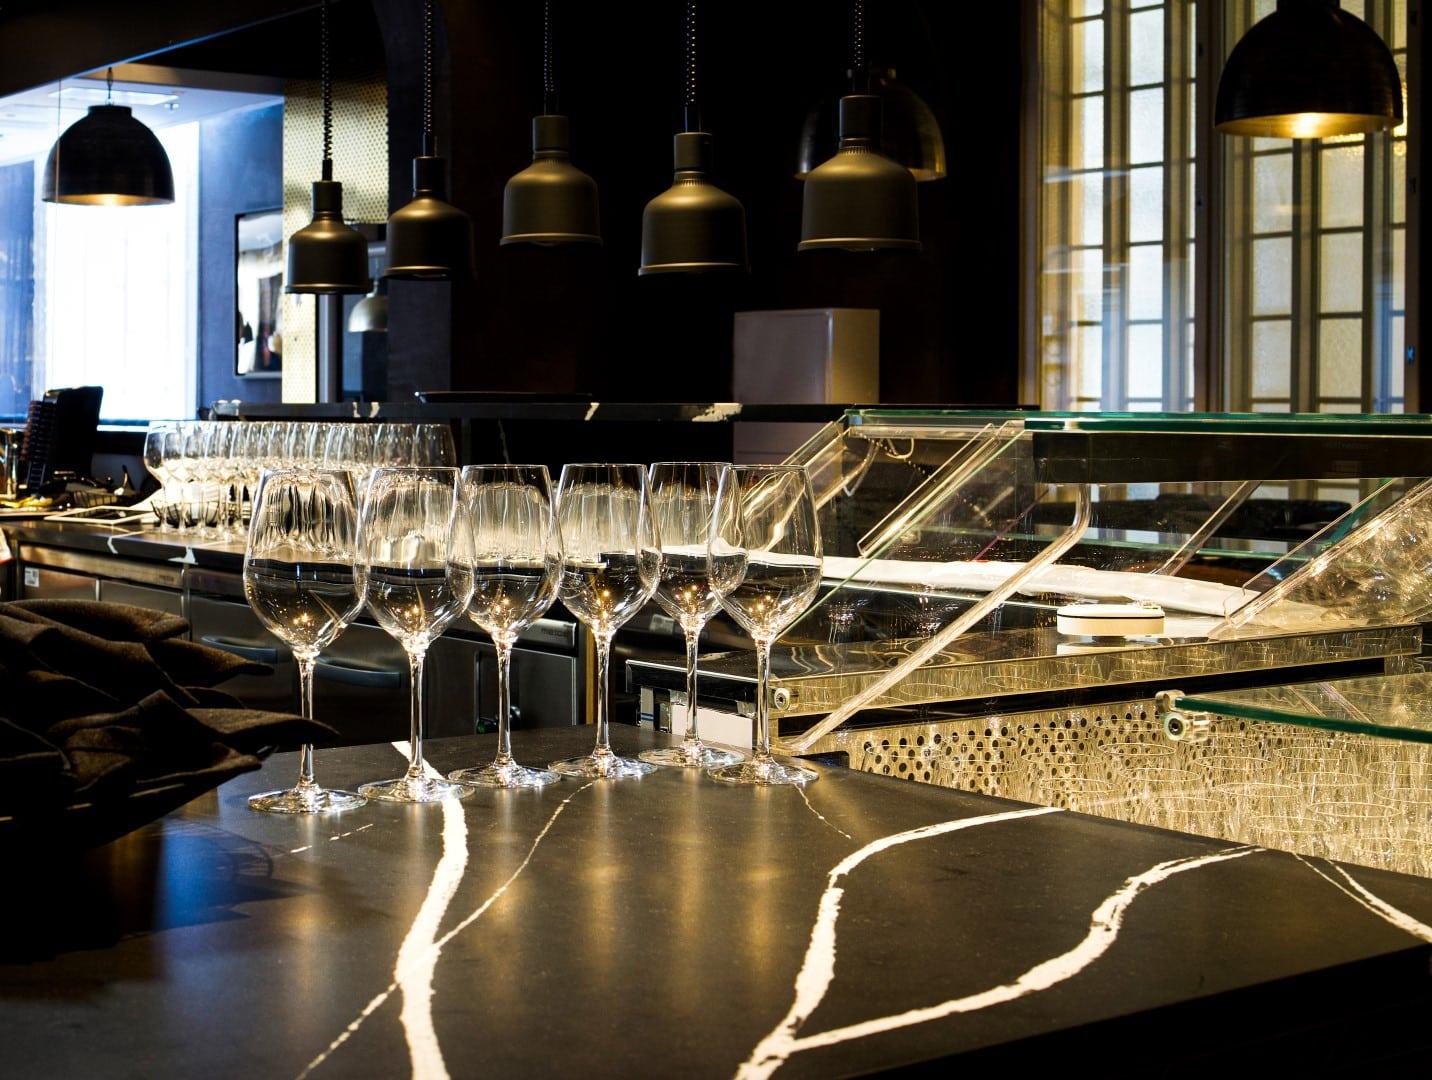 Hotel Scandic Grand Central Finland  - Cosentino casestudy hotel grand central interior6 DSC0572 59